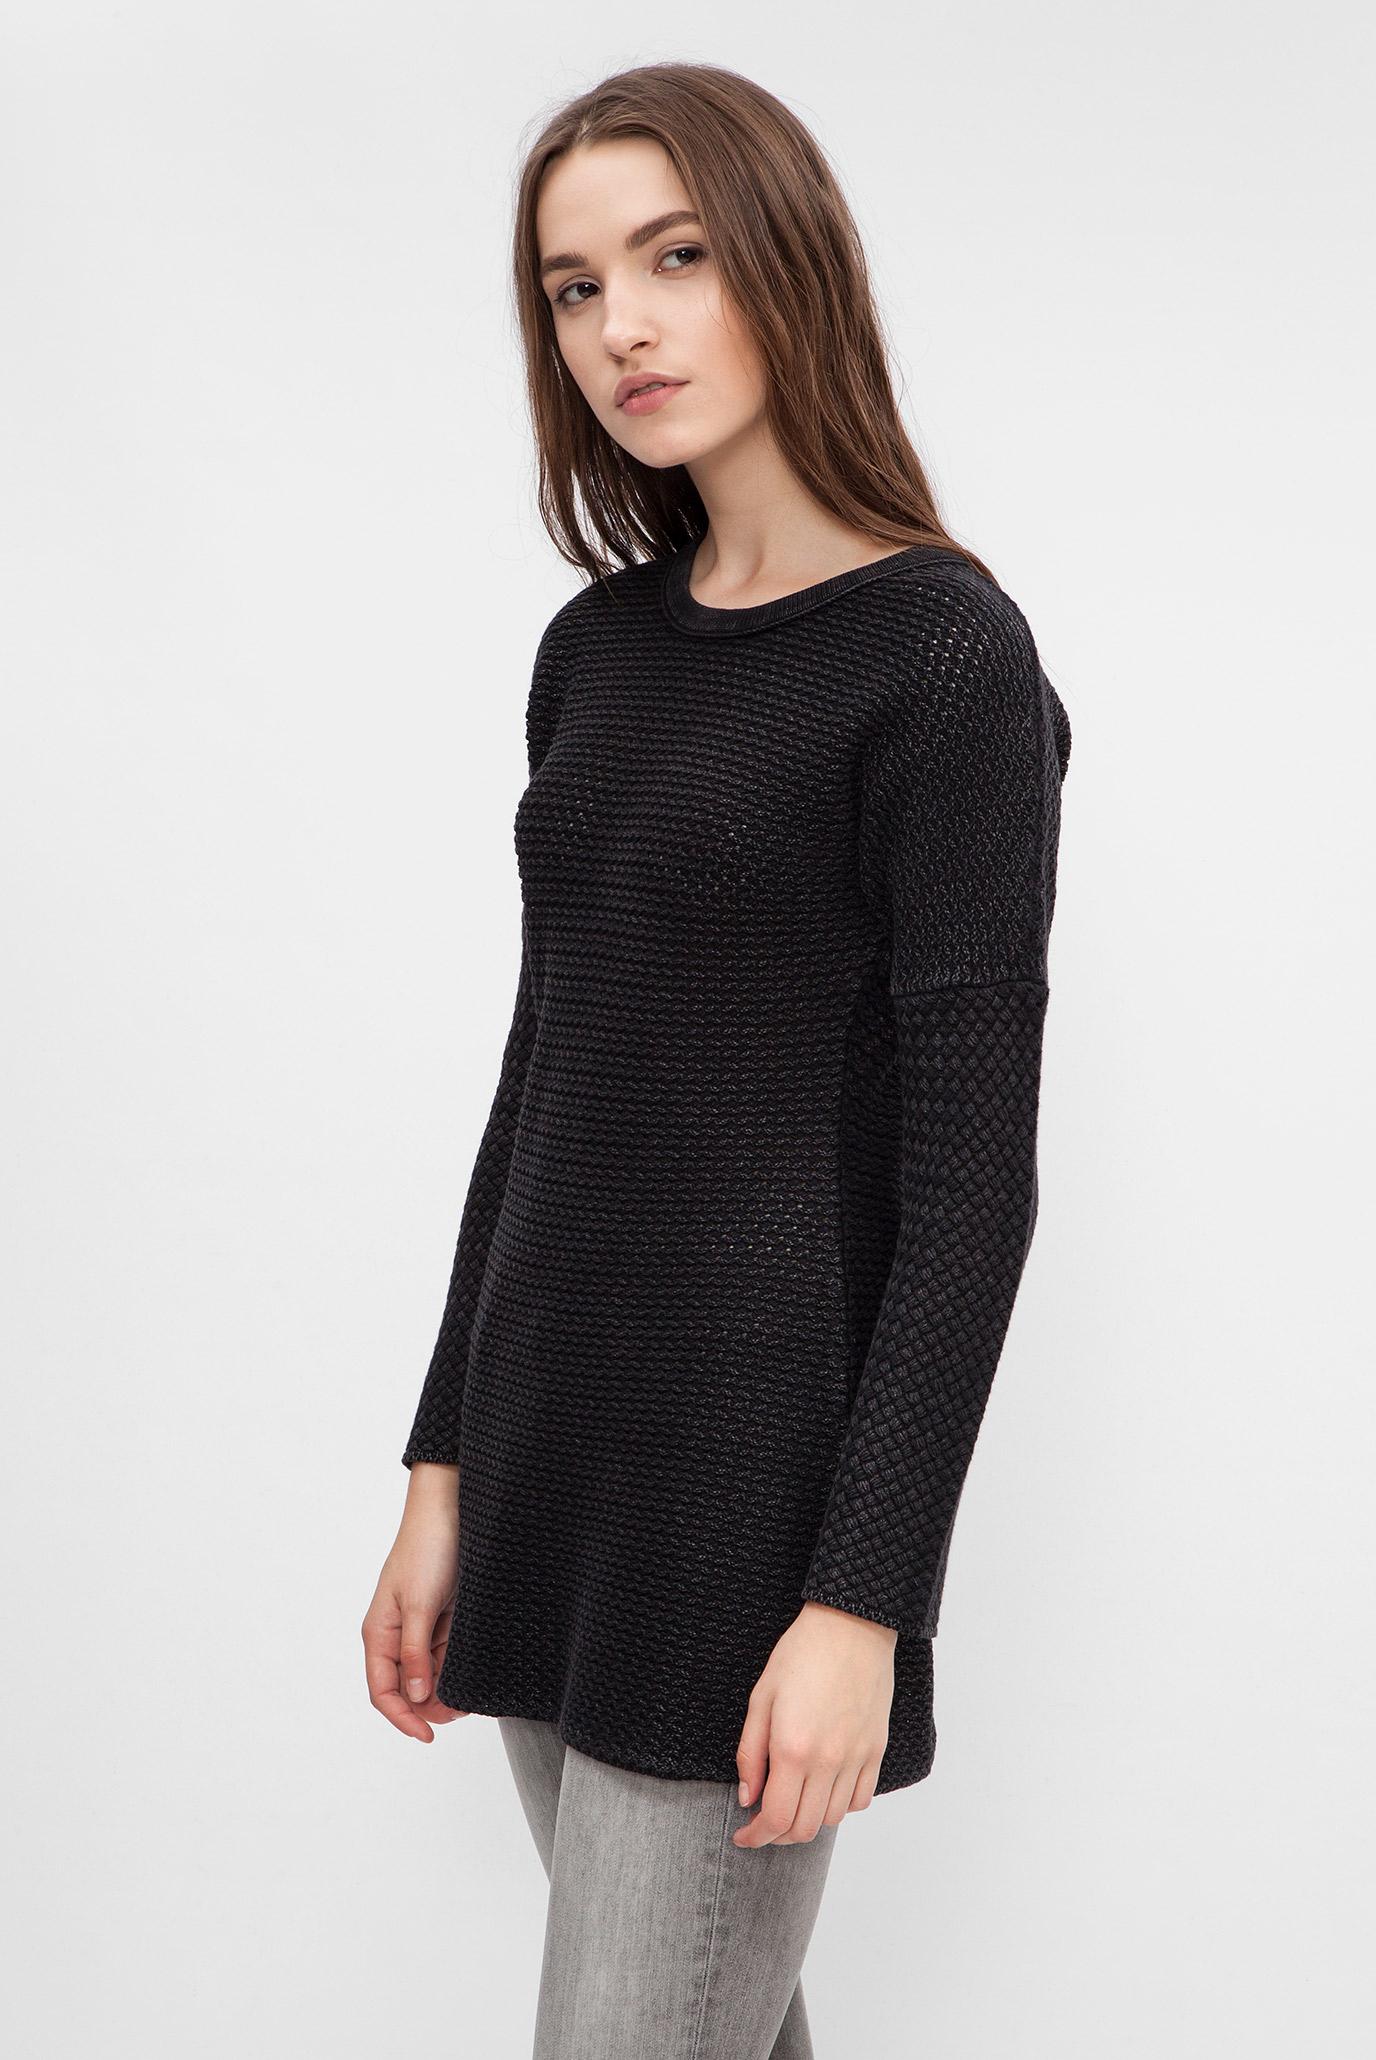 купить женский черный вязаный свитер Replay Replay Dk2159000